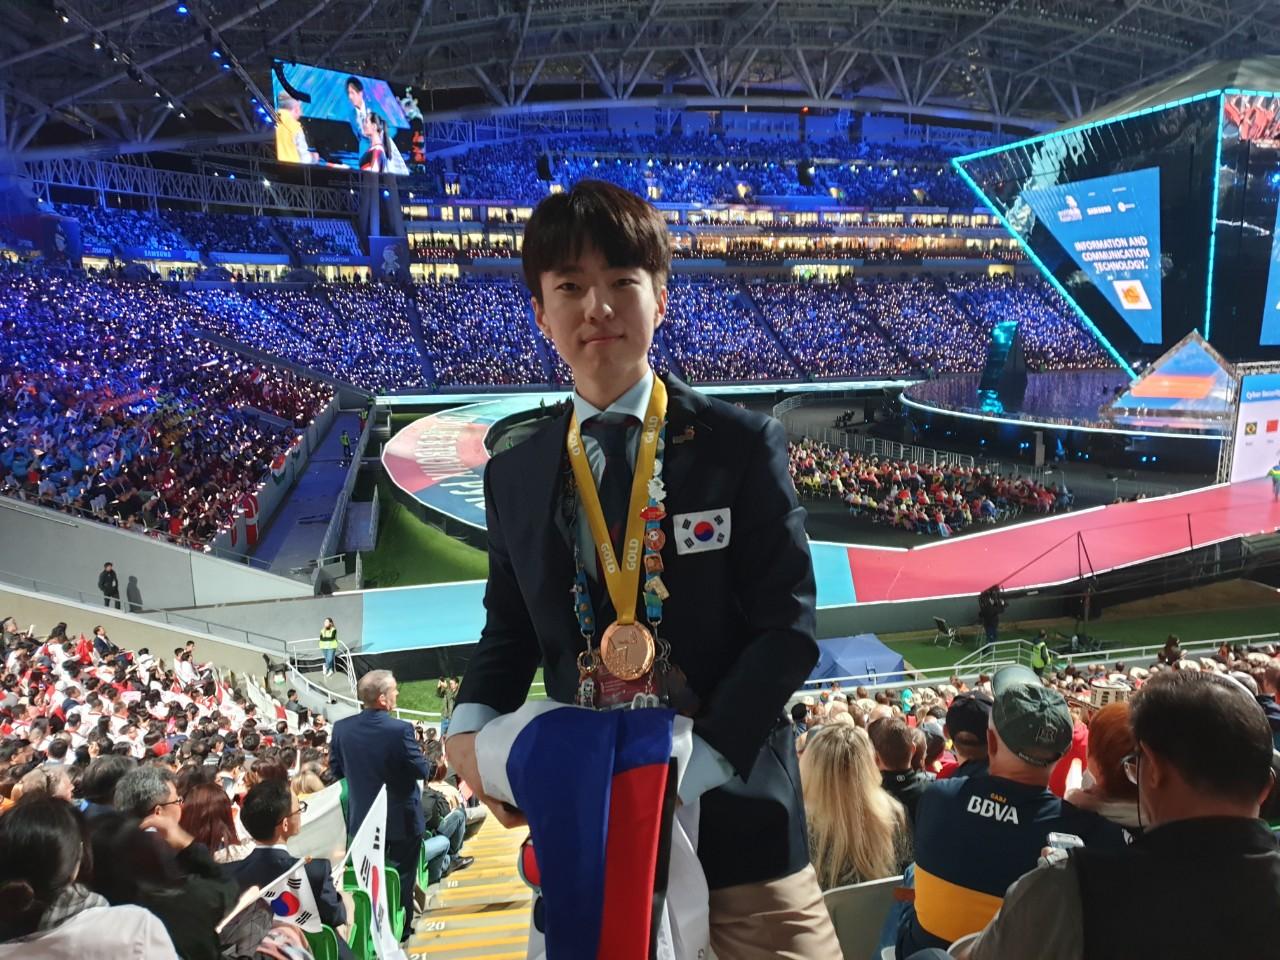 [부산]부산기계공고, 국제기능올림픽 금메달 수상